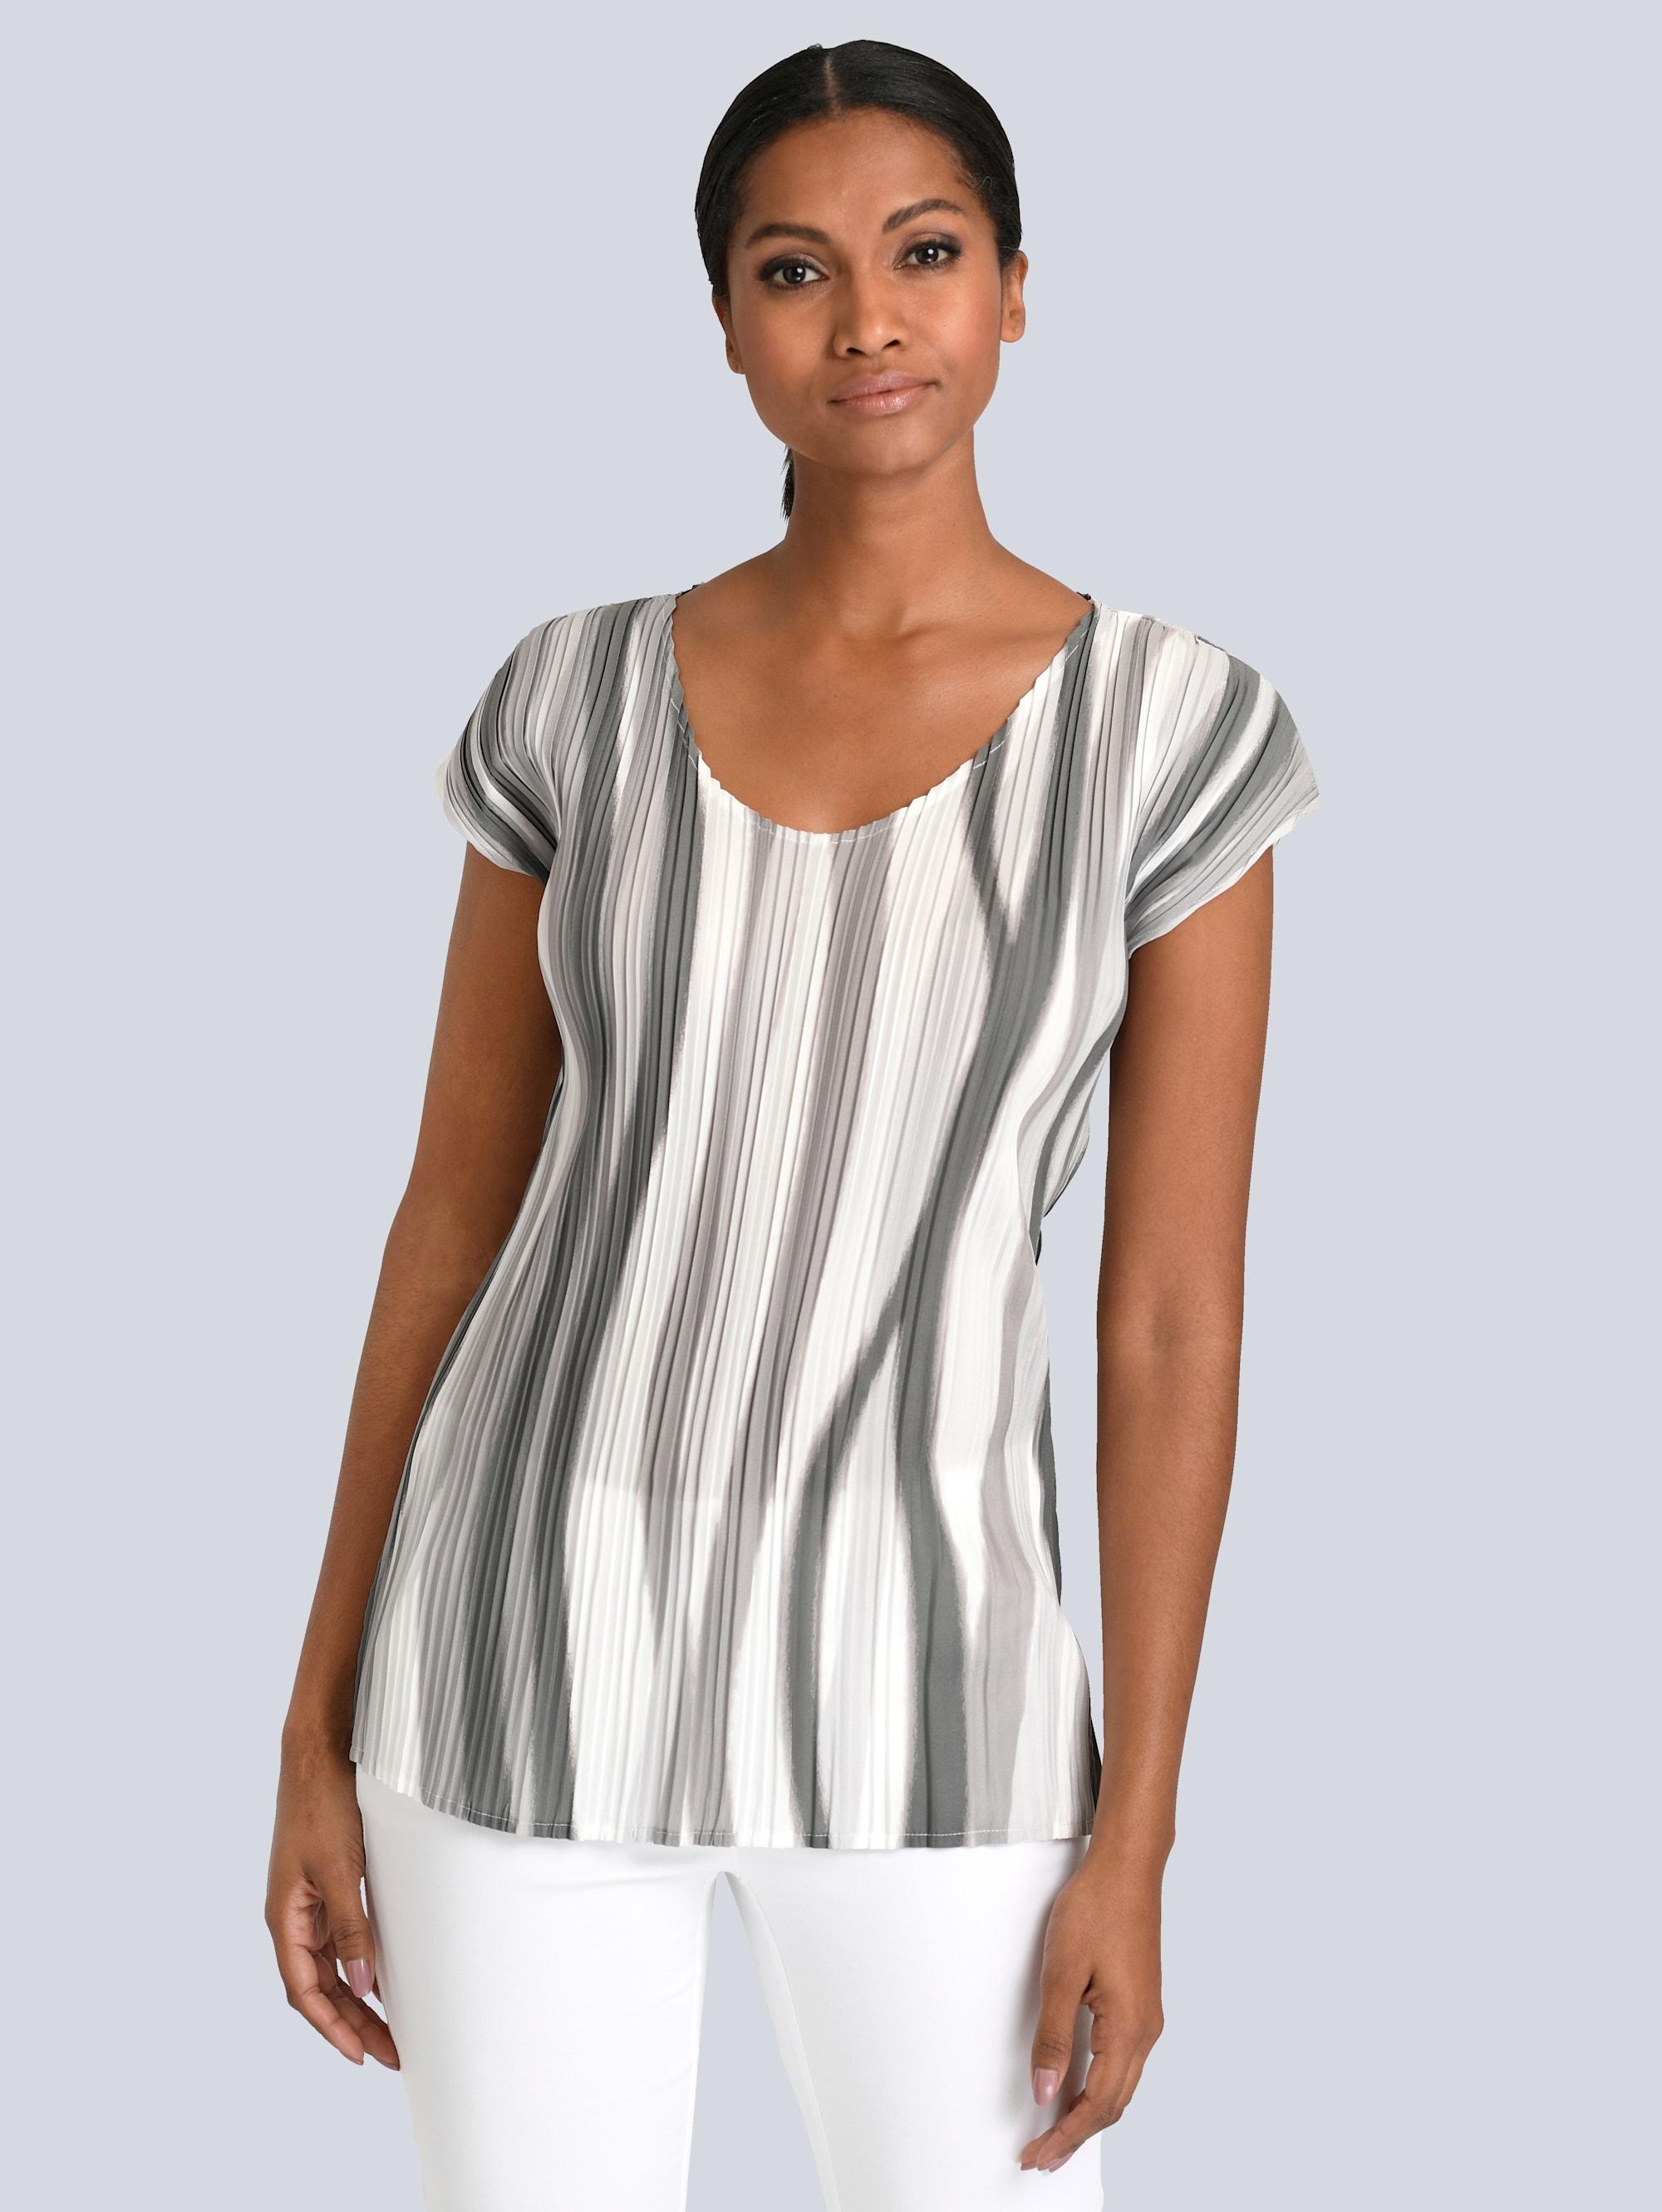 Alba Moda Bluse aus plissierter Ware rSGnL QmmhU